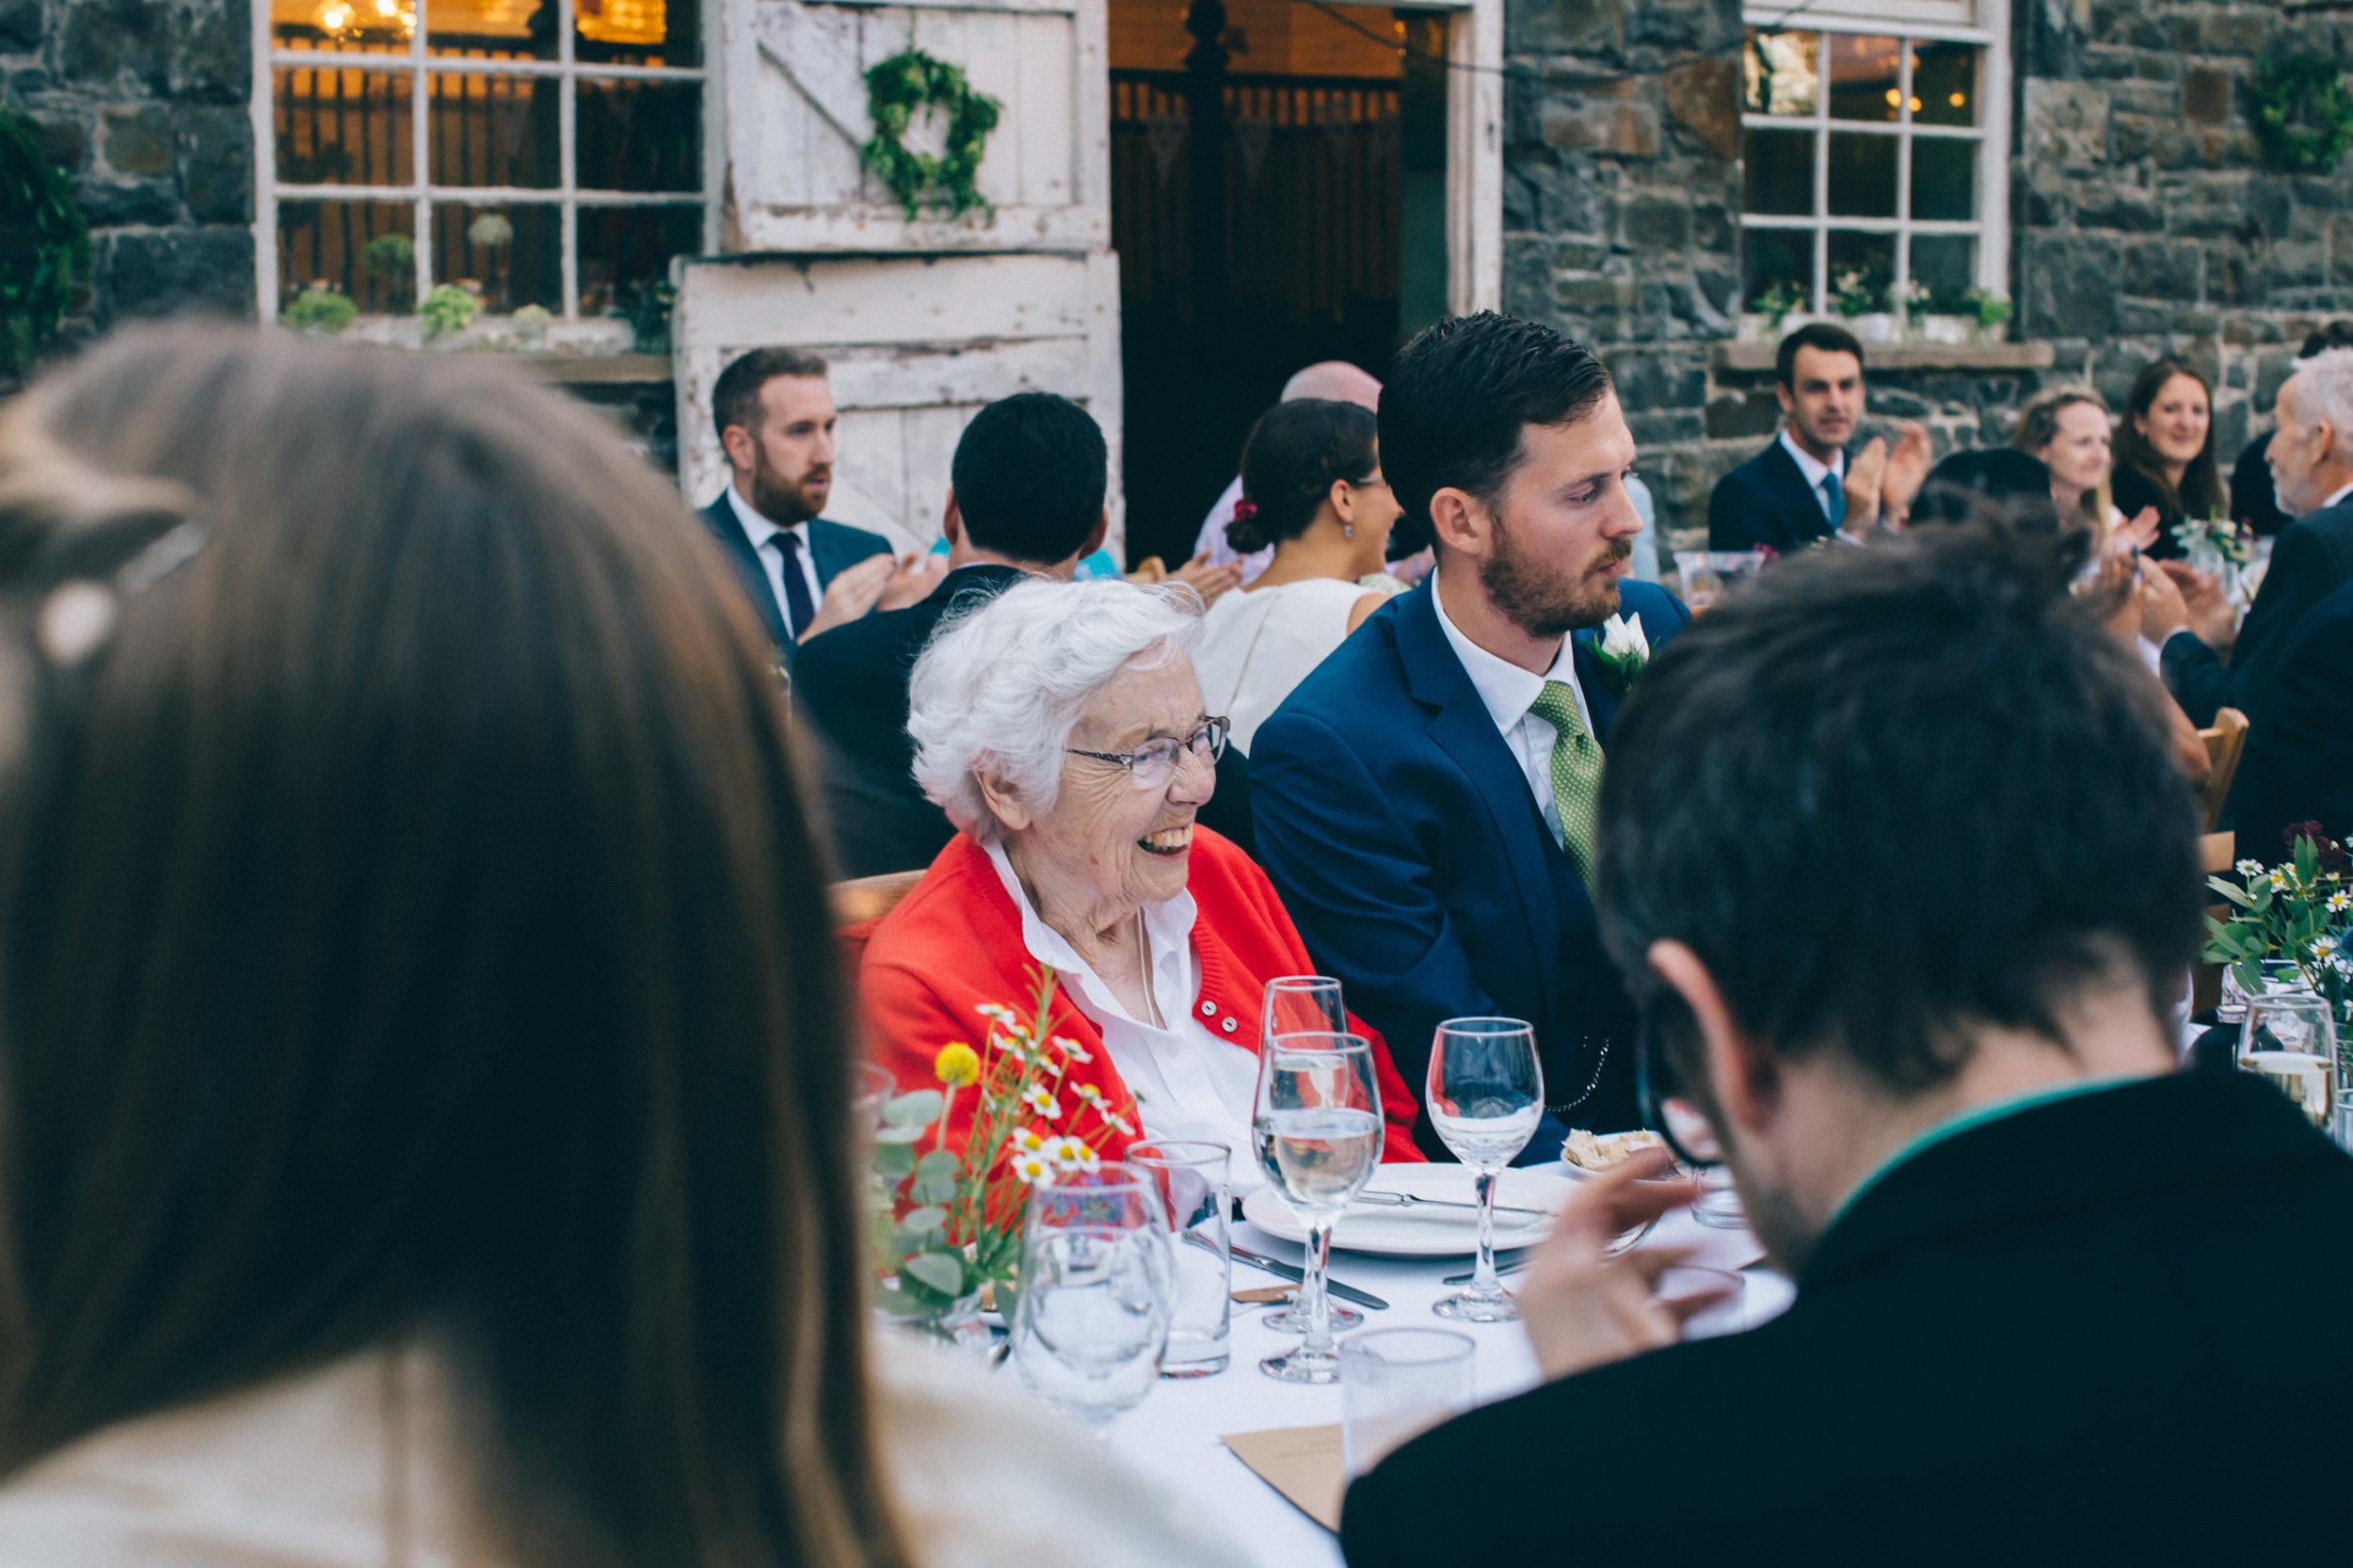 uk wedding photographer artistic wedding photography-111.jpg